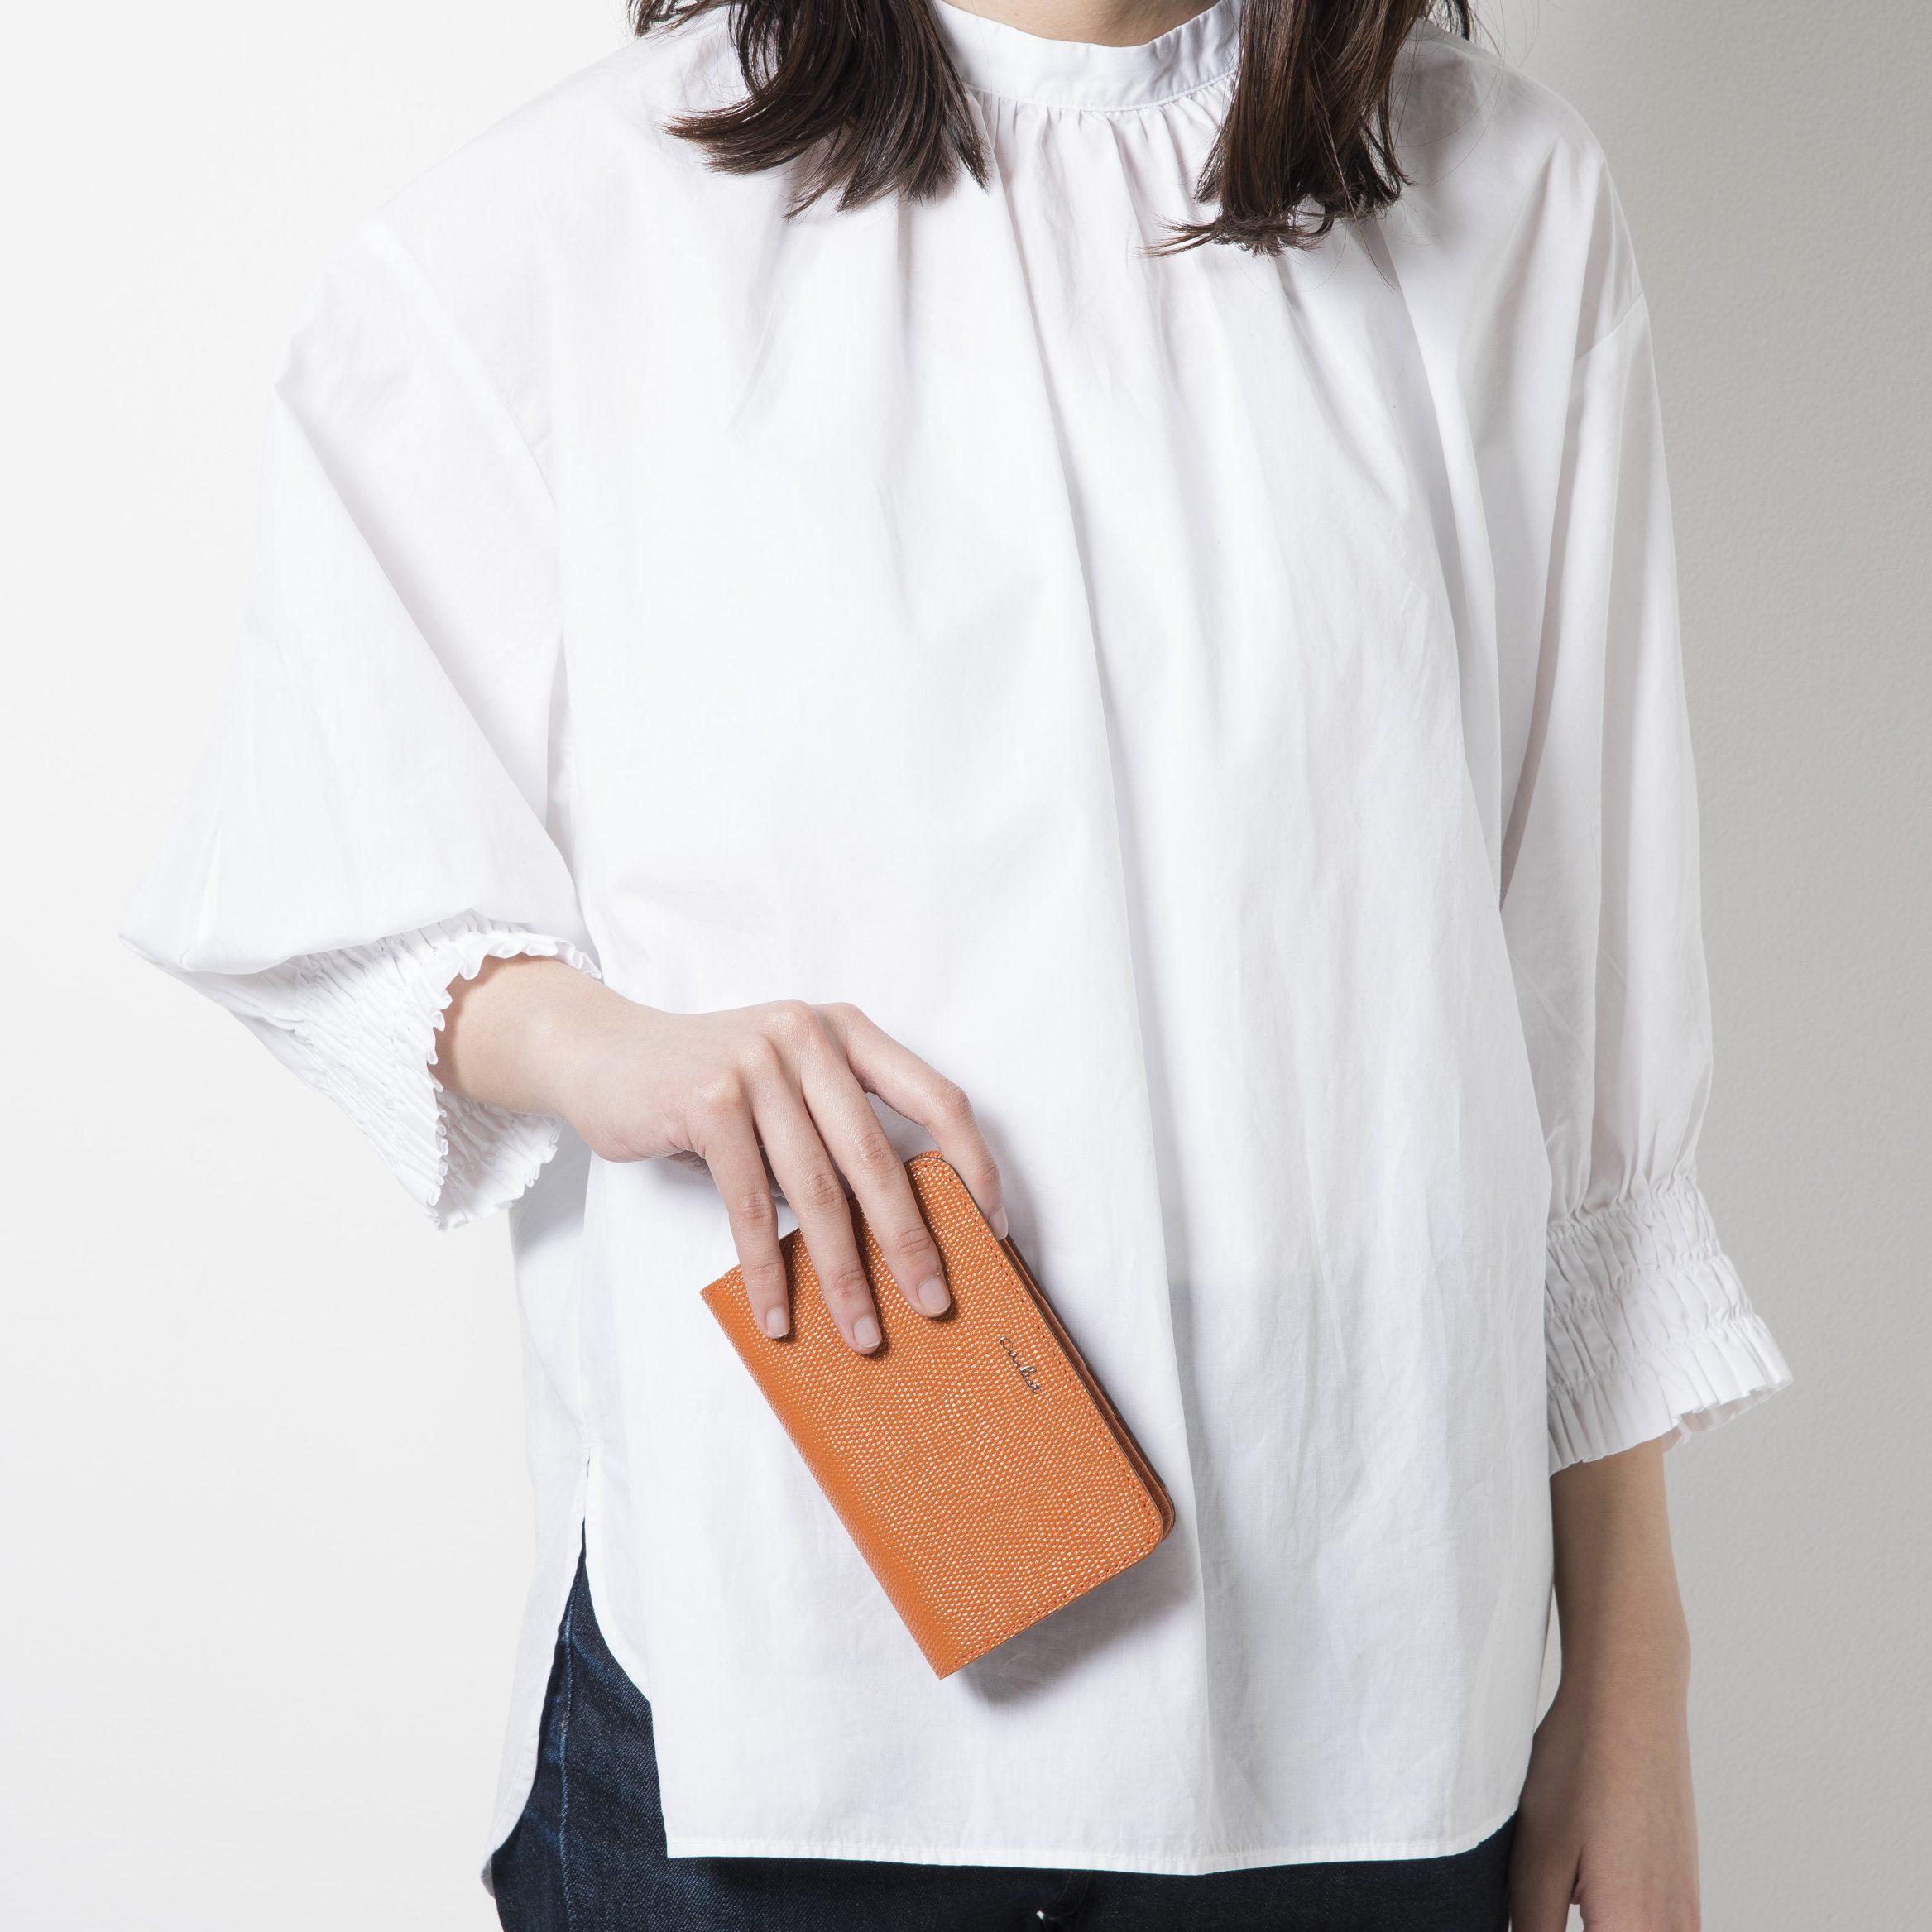 いろんなわがままをすっきり叶える、ミドルサイズの折財布♪